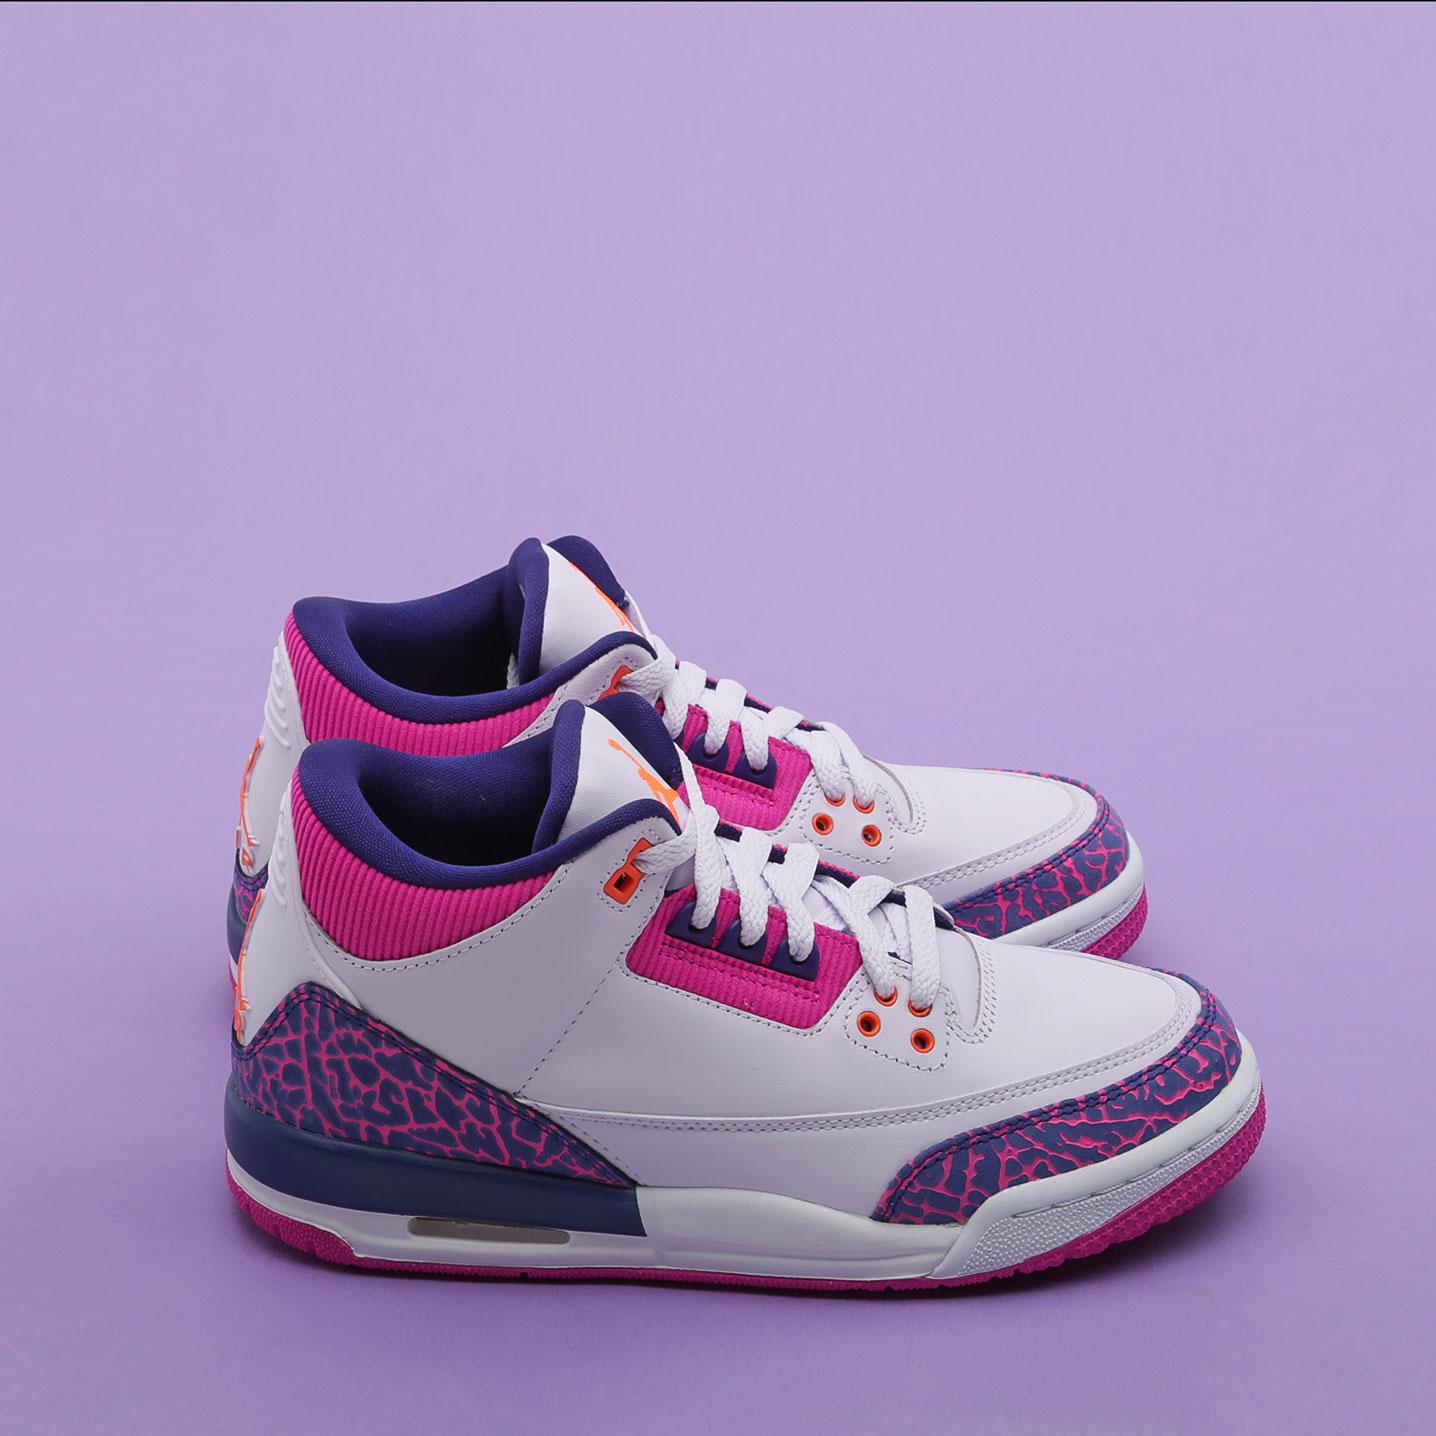 Кроссовки Jordan 3 Retro GS